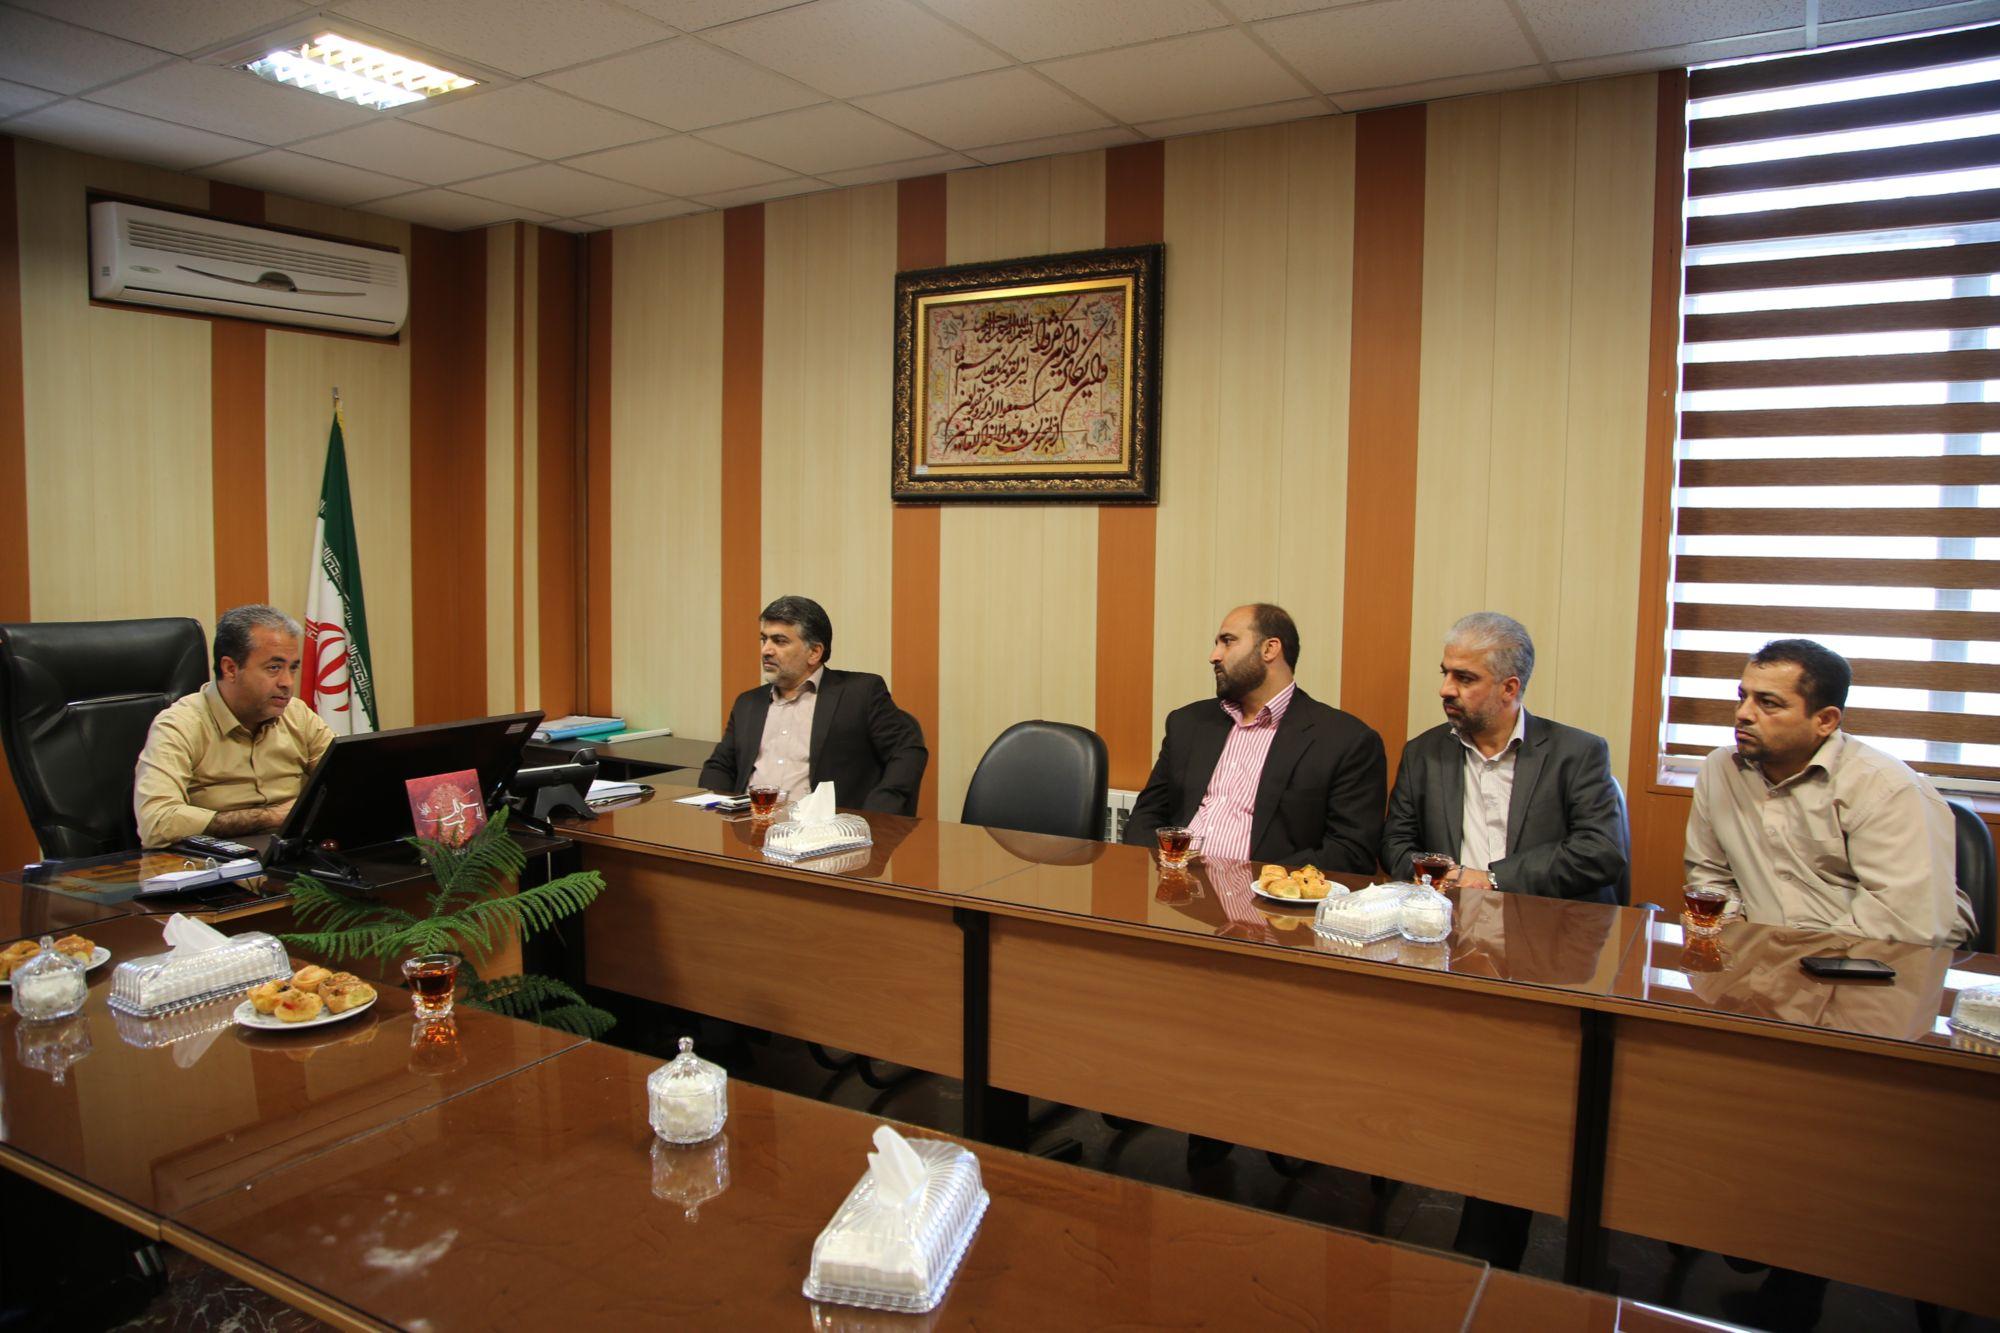 دیدار رییس کمیته امداد امام ره با شهردار و رییس و اعضای شورای اسلامی شهر ورامین